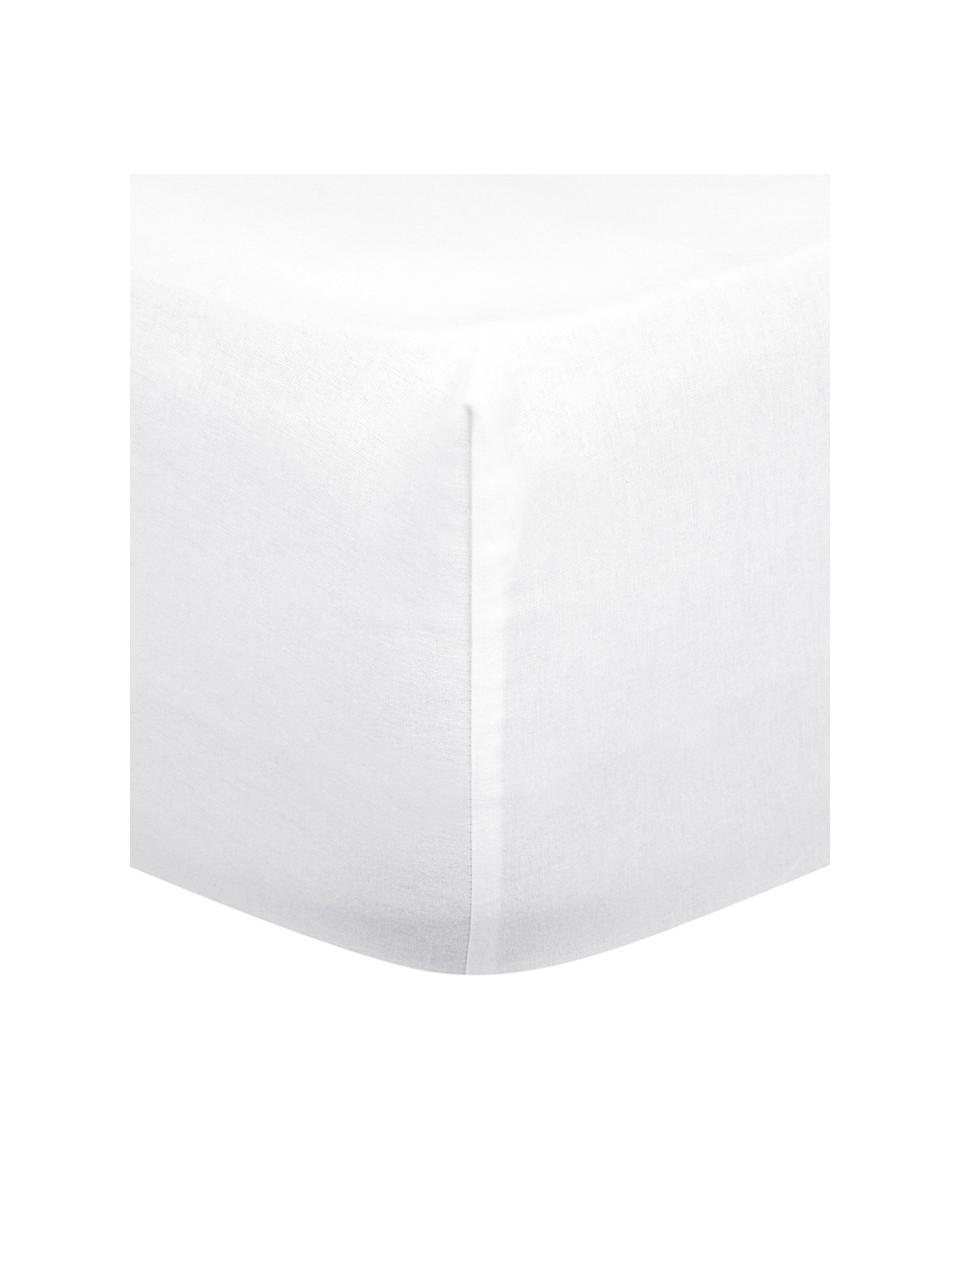 Lenzuolo con angoli in flanella color bianco Biba, Tessuto: flanella, Bianco, 180 x 200 cm